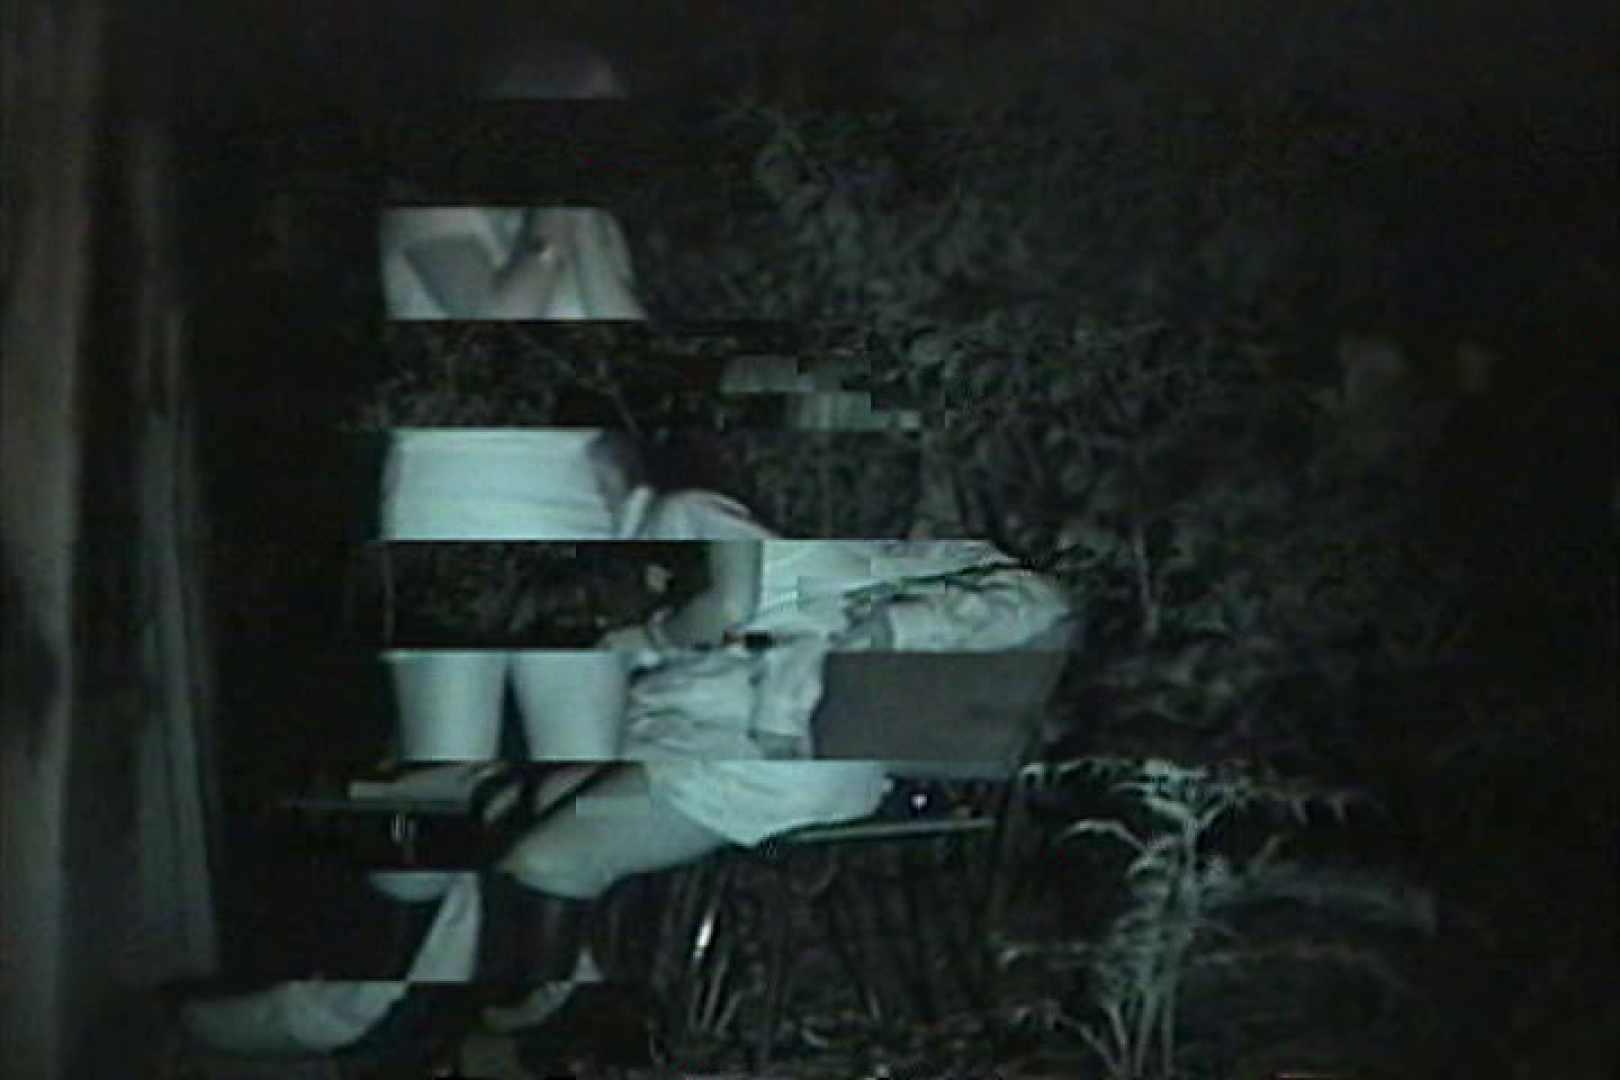 闇の仕掛け人 無修正版 Vol.21 OLの実態 | カップル  53pic 1